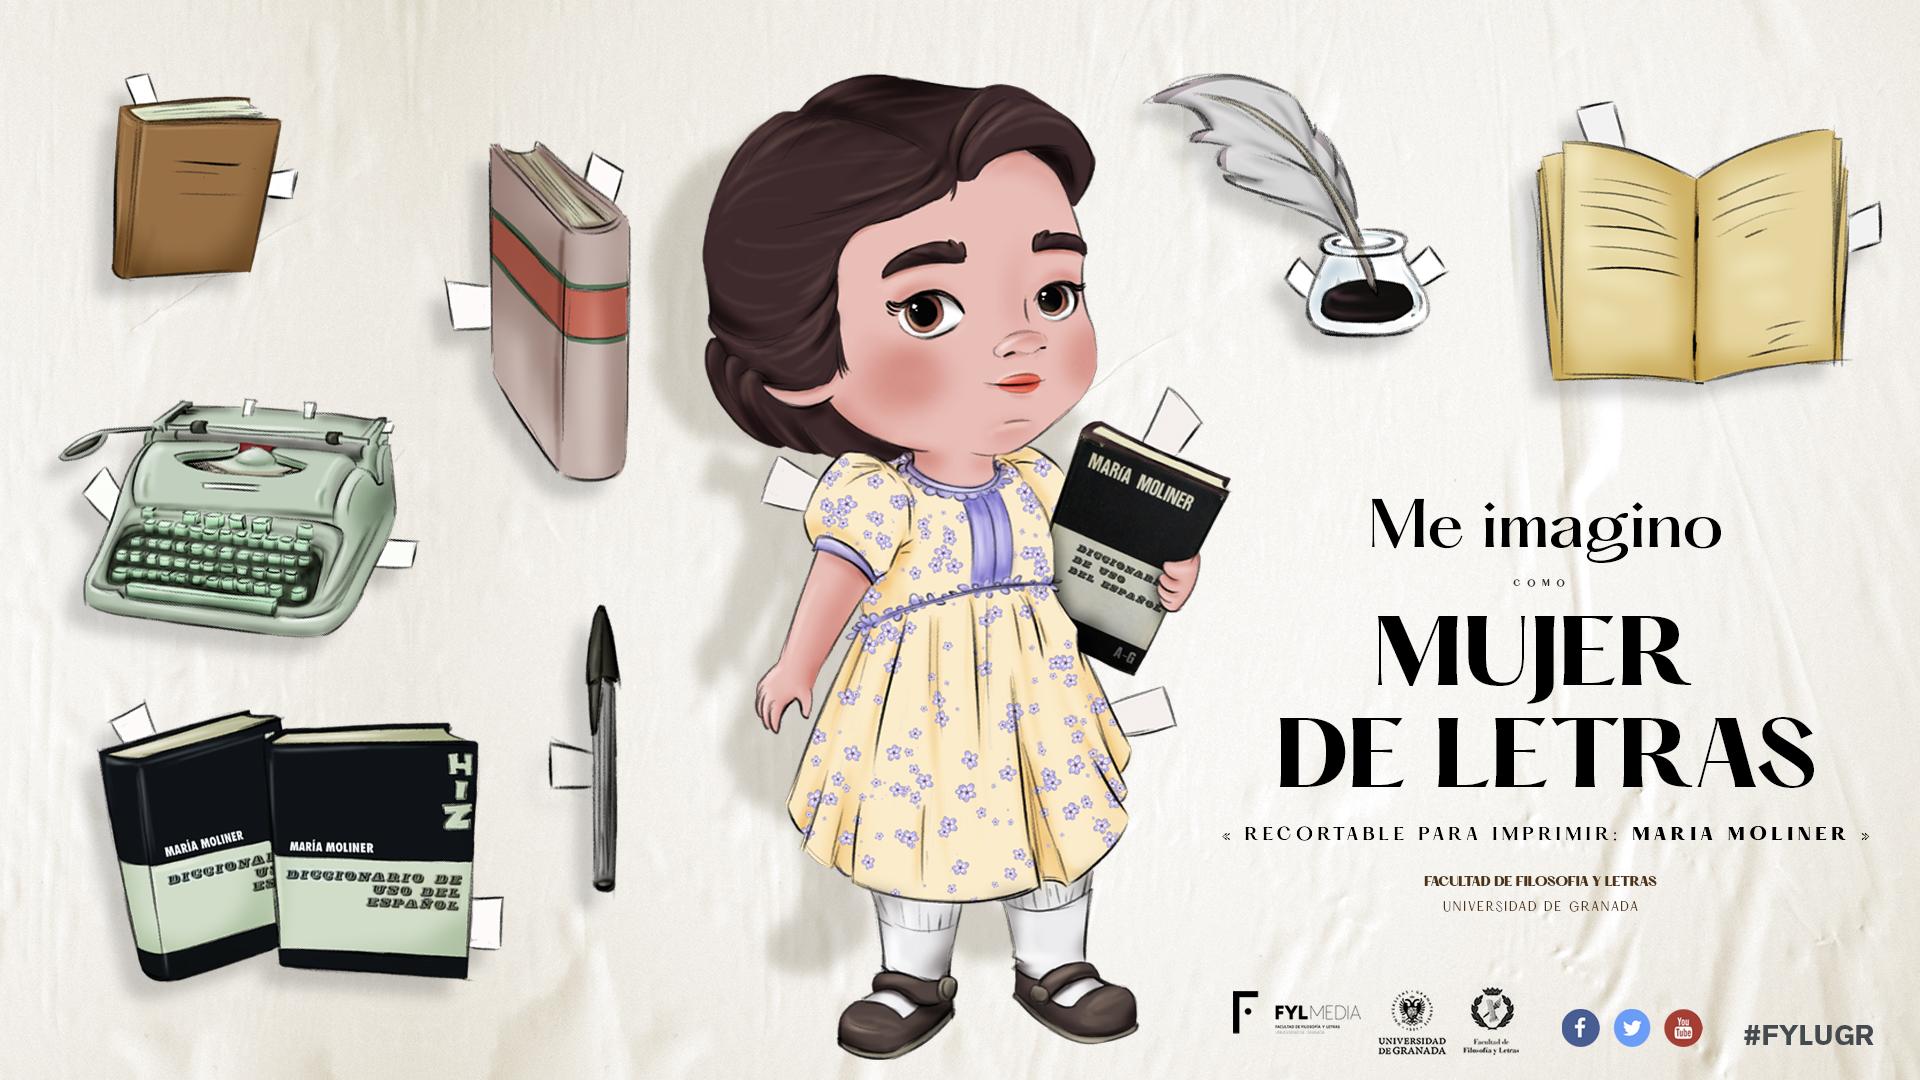 """La Facultad de Filosofía y Letras de la UGR lanza la campaña """"Me imagino como una mujer de letras"""" con un recortable de María Moliner"""